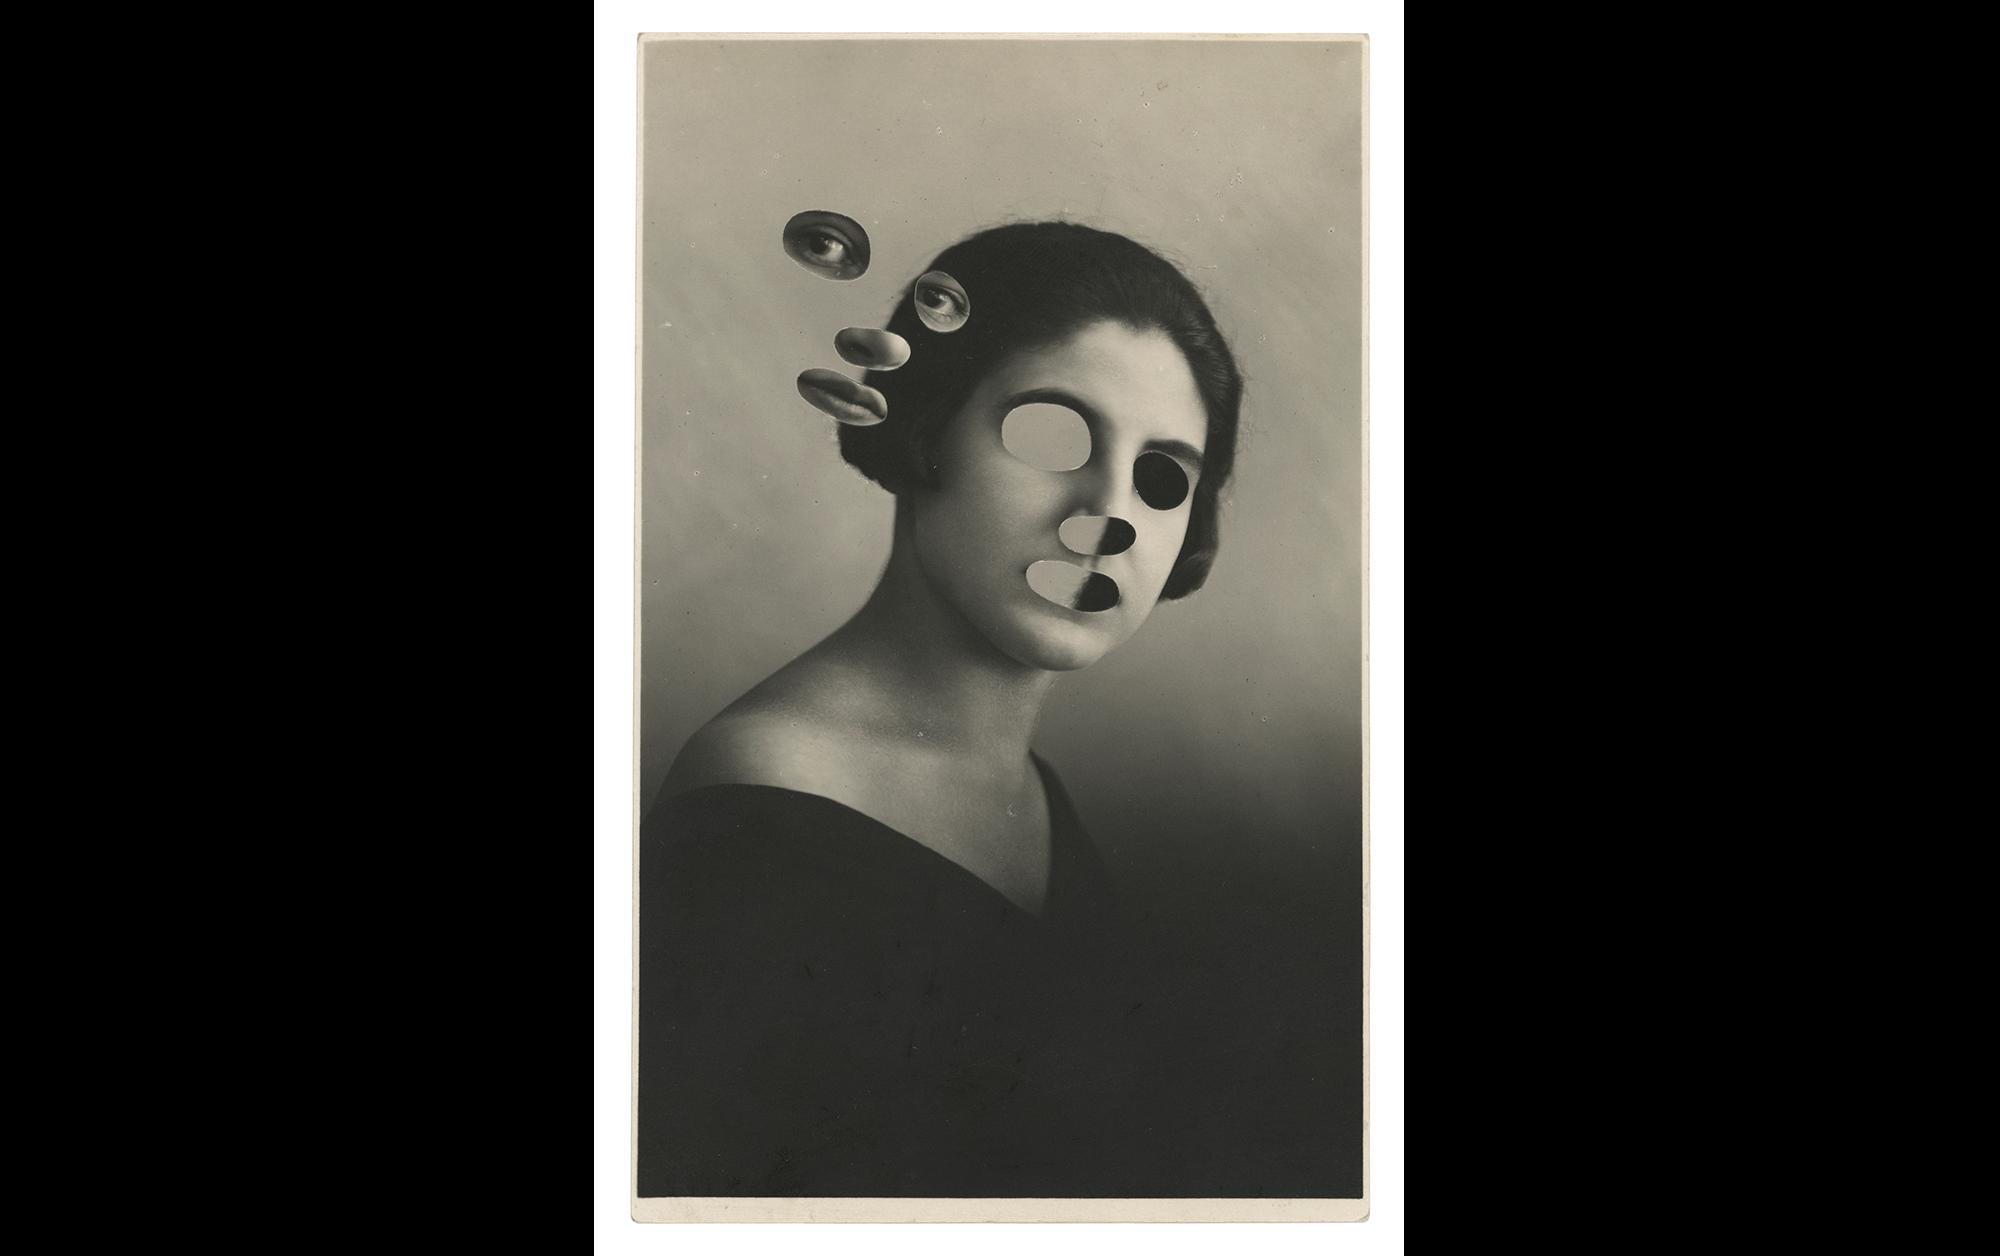 小池健輔「究極に自由なアイデアで、ファウンドフォトに錬金術をかける」 | Out of joint, 2019, switched vintage photo, 13.5 x 8.6 cm